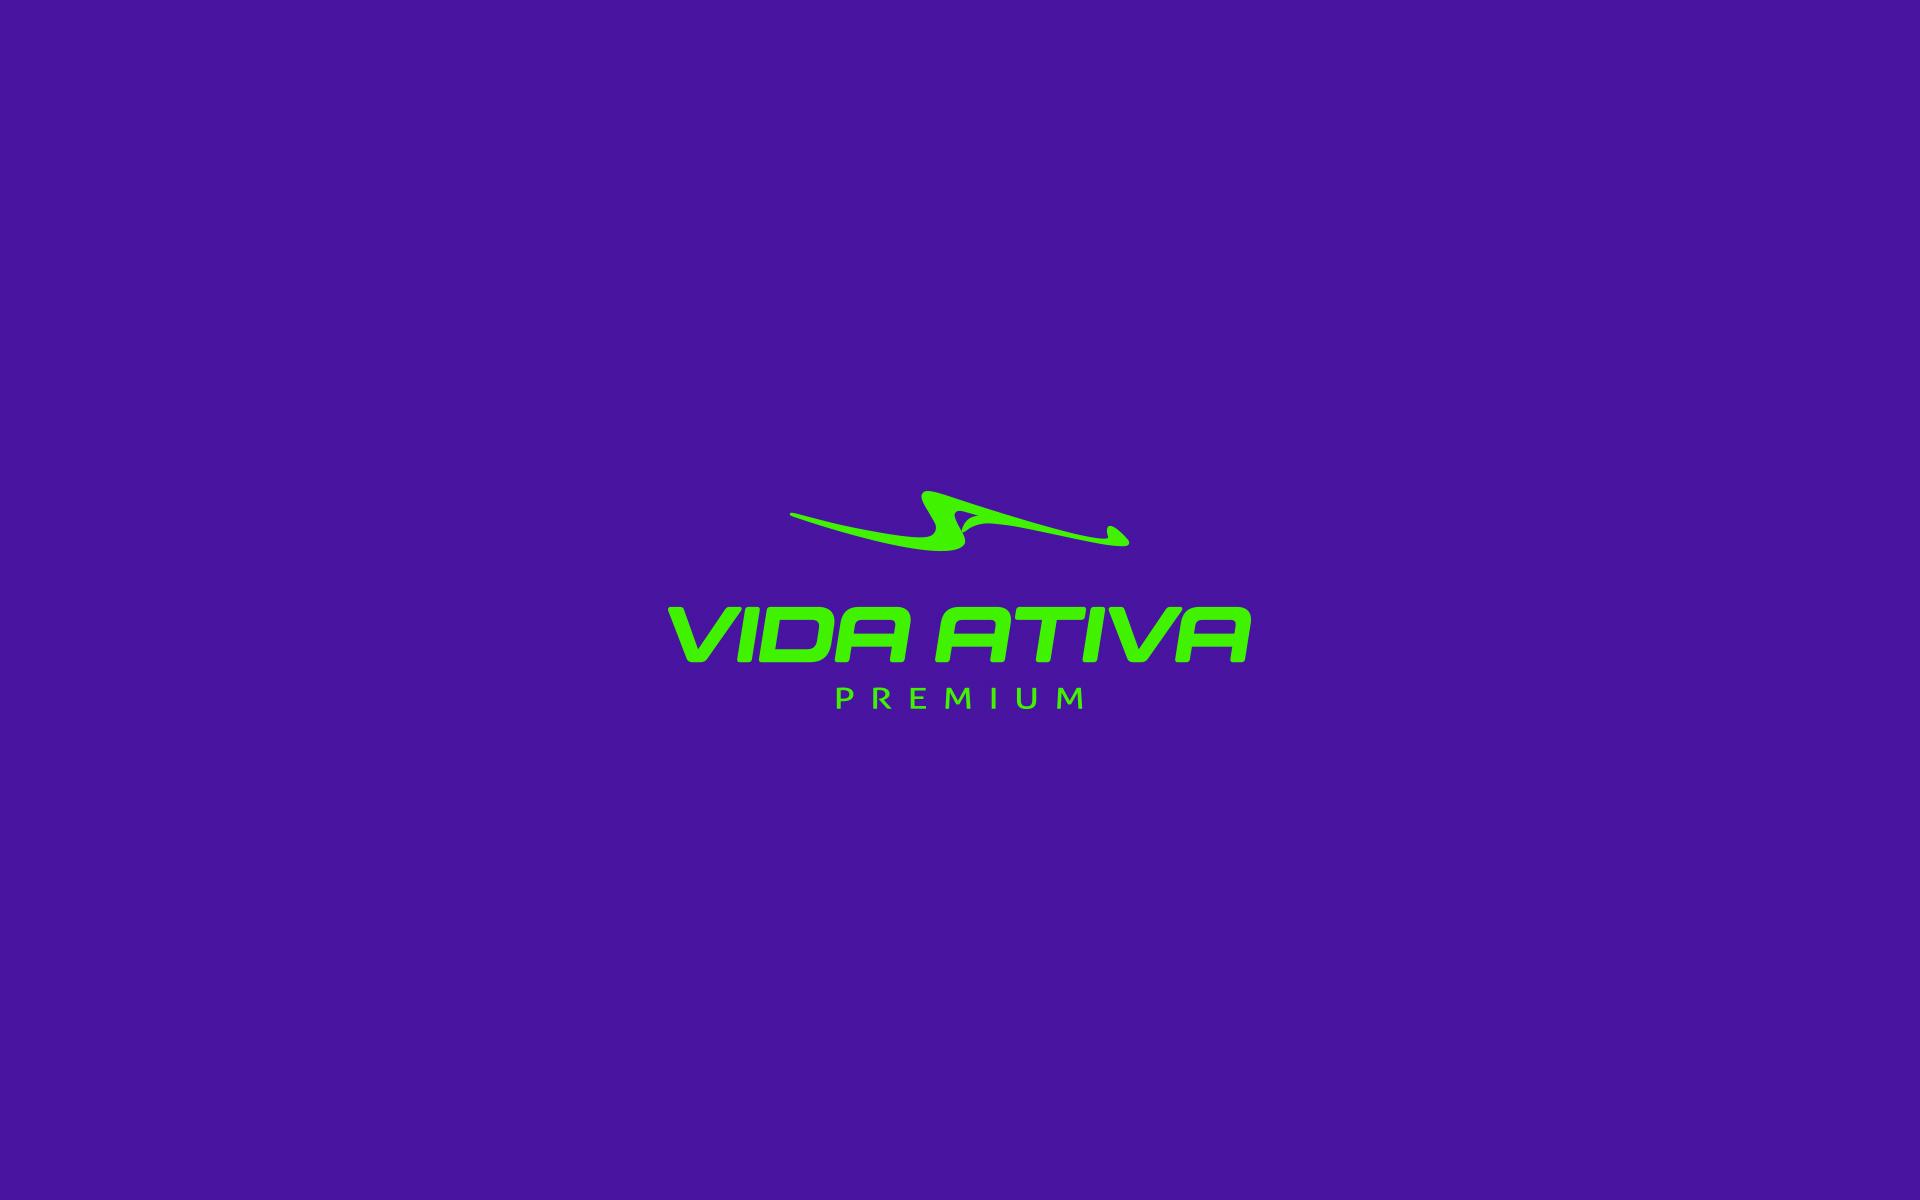 VidaAtivaPremium_Marca_DossPropaganda_01